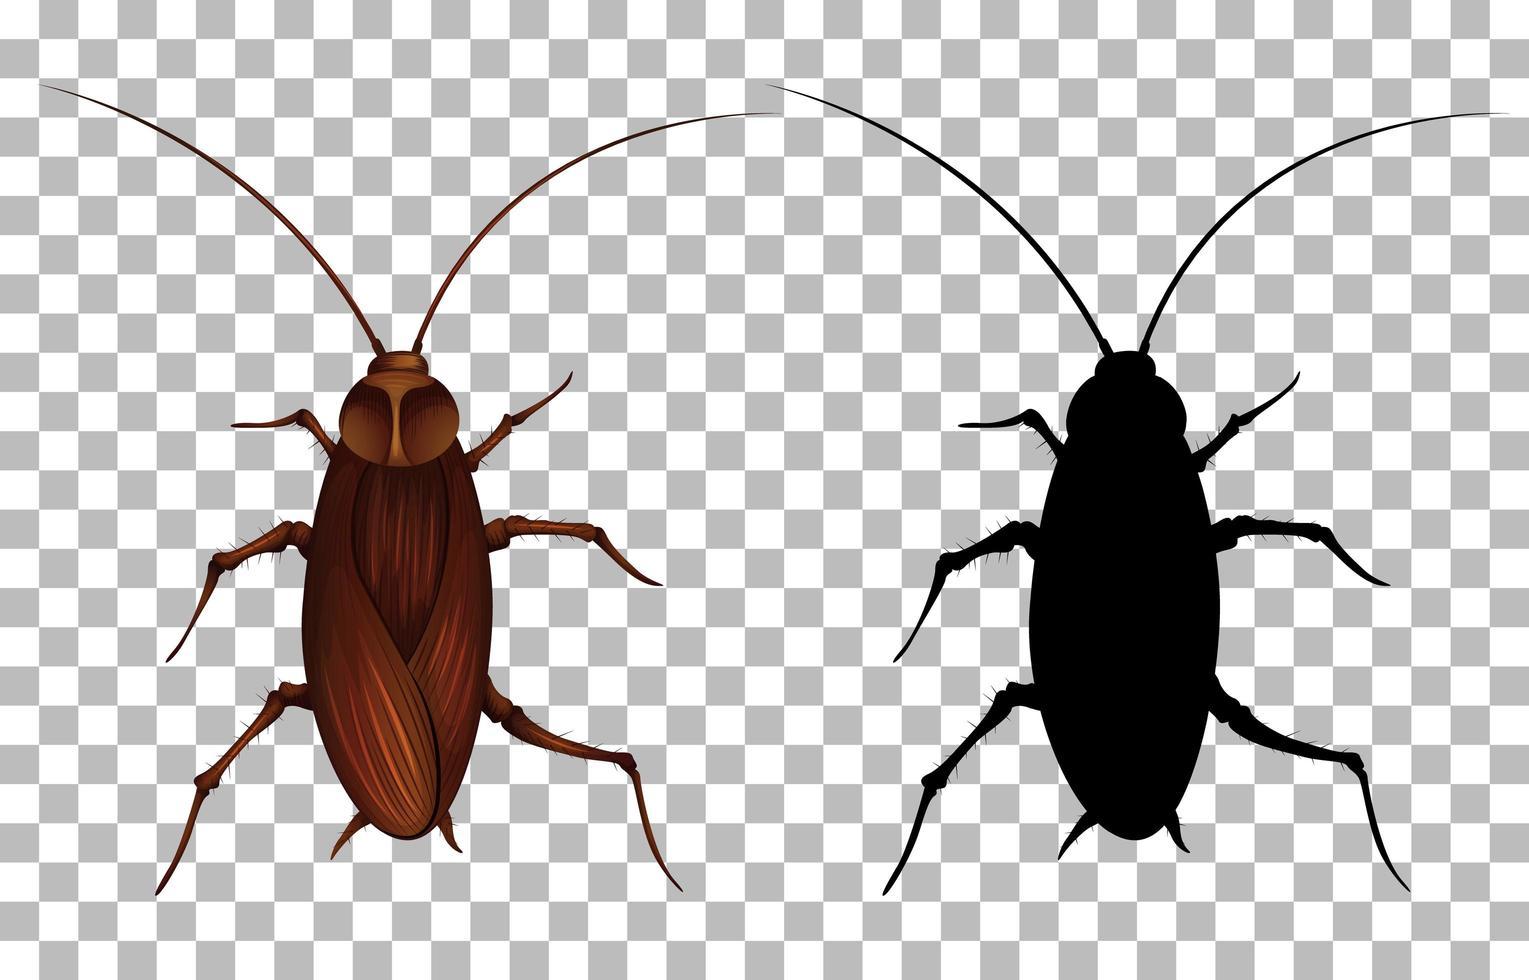 kakkerlak met zijn silhouet vector